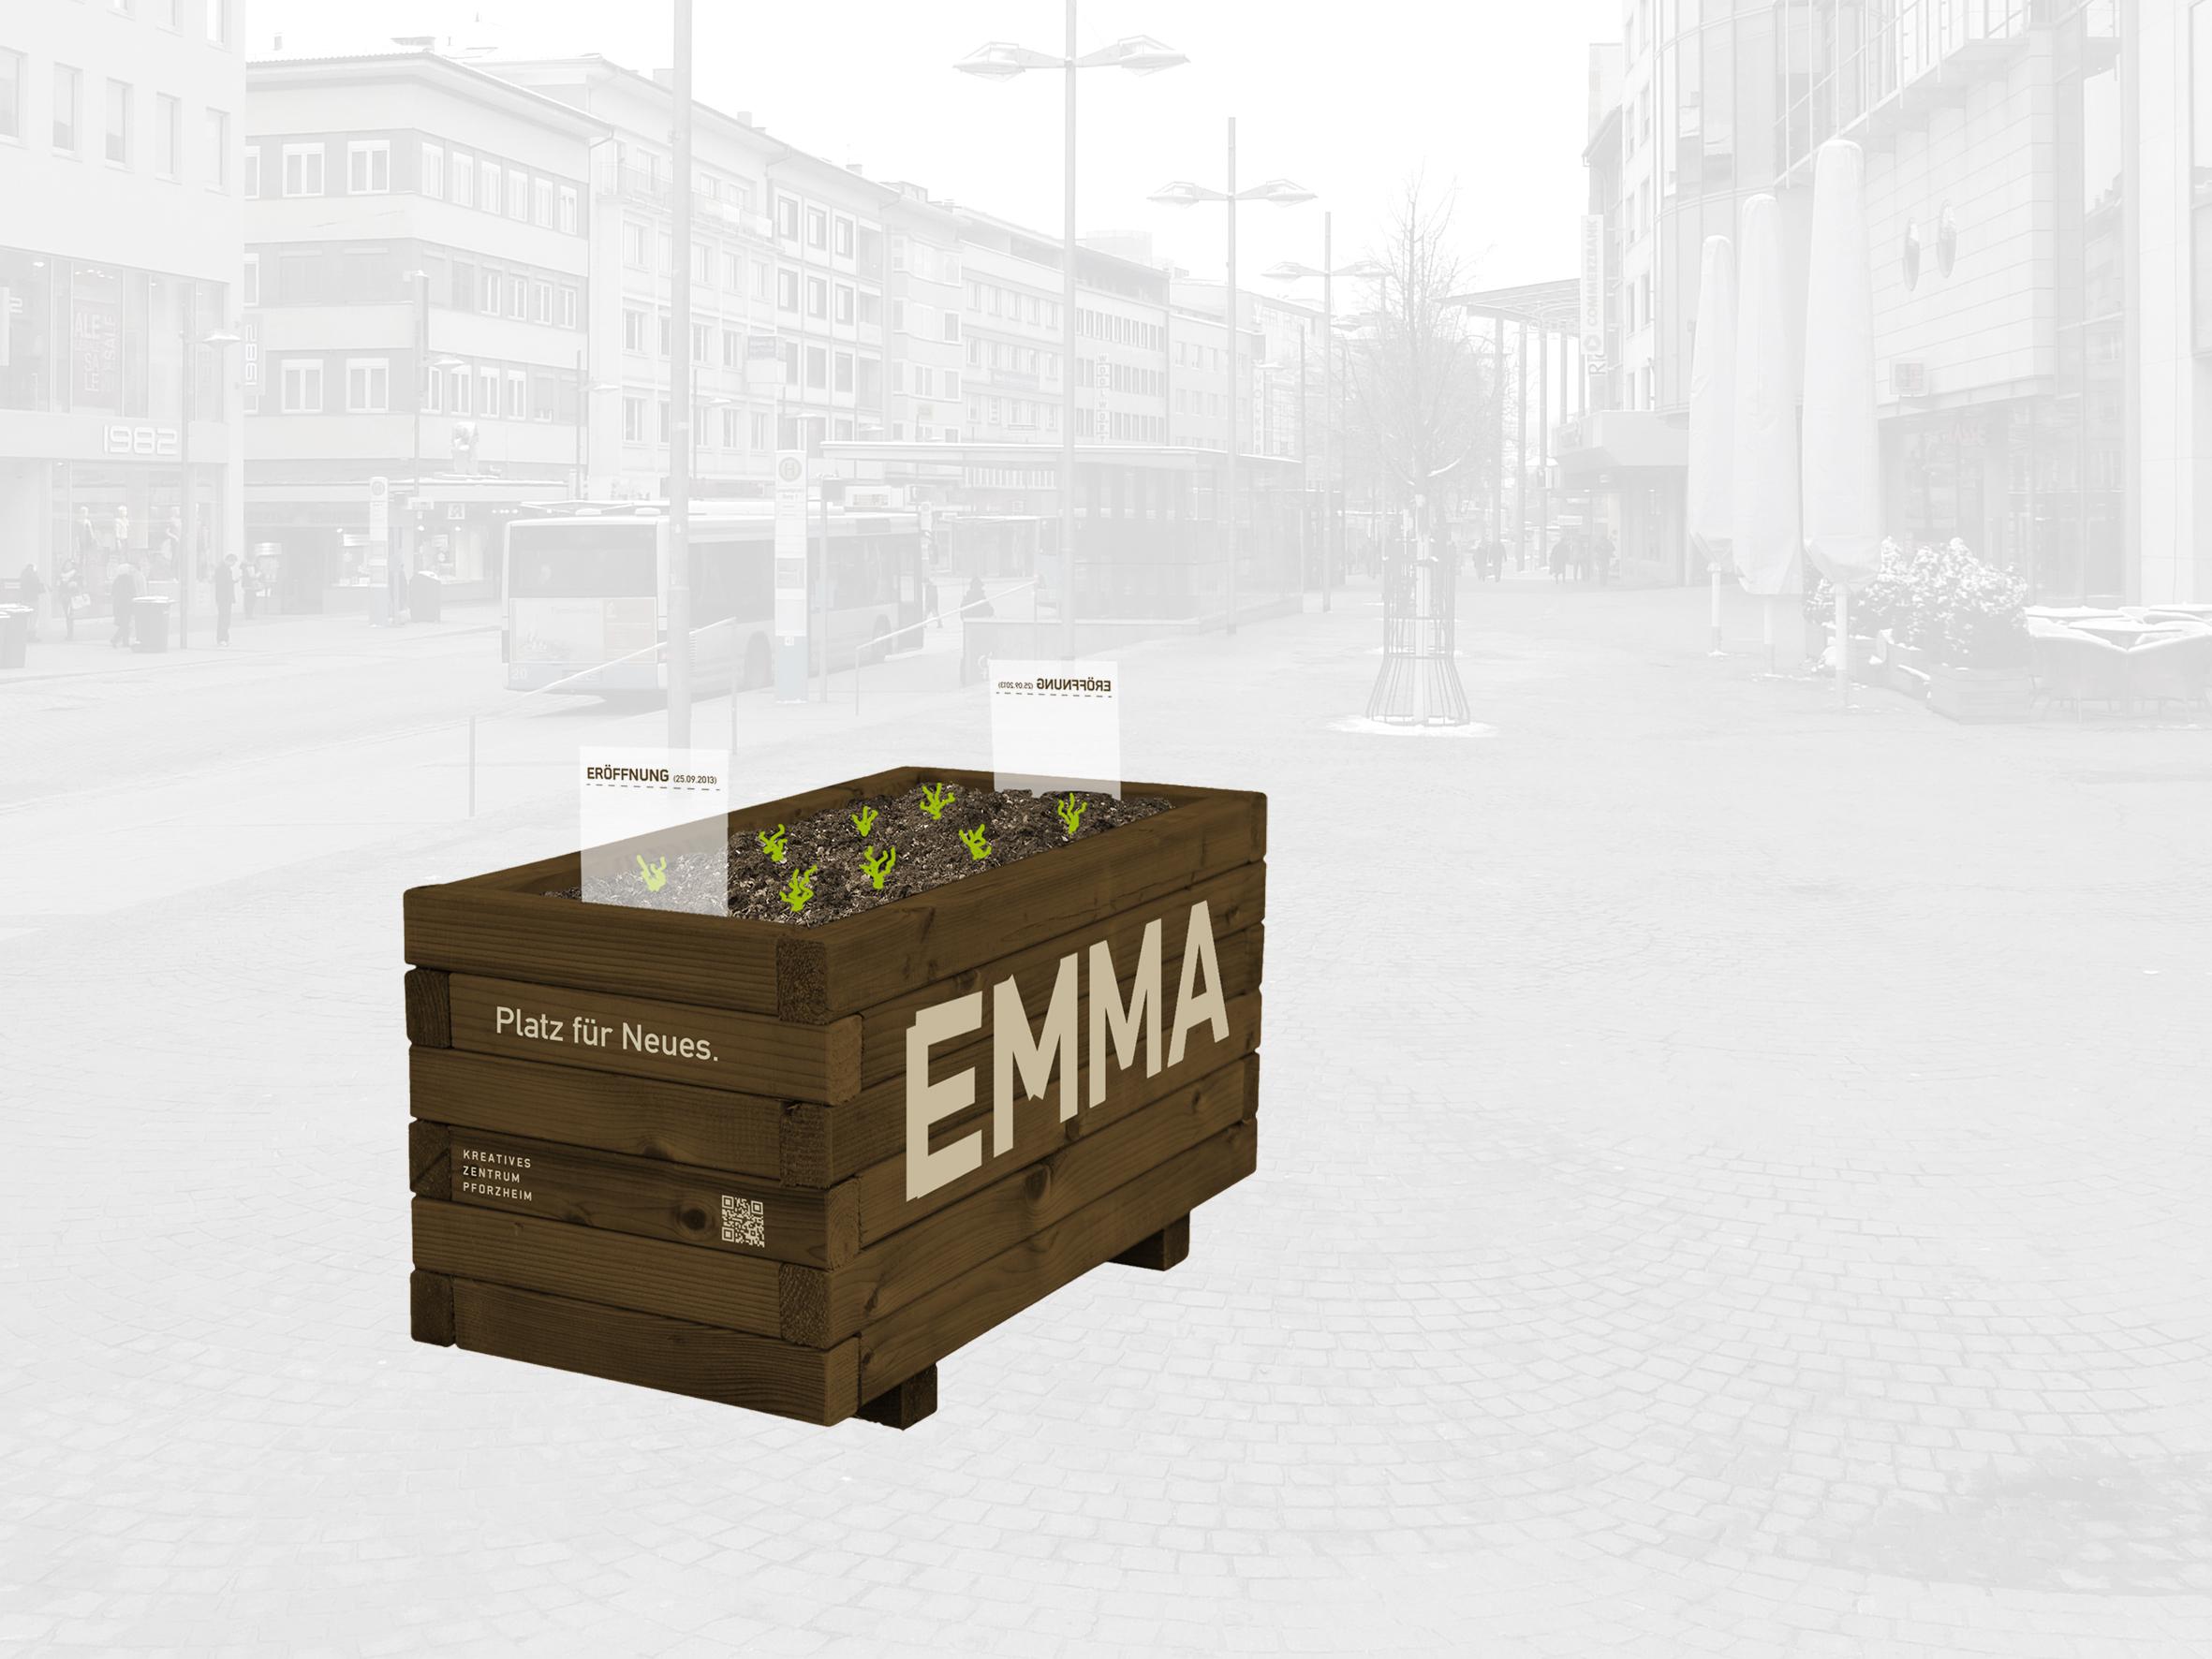 cobra-emma-pforzheim-kampagne-phase_2-blumenkasten